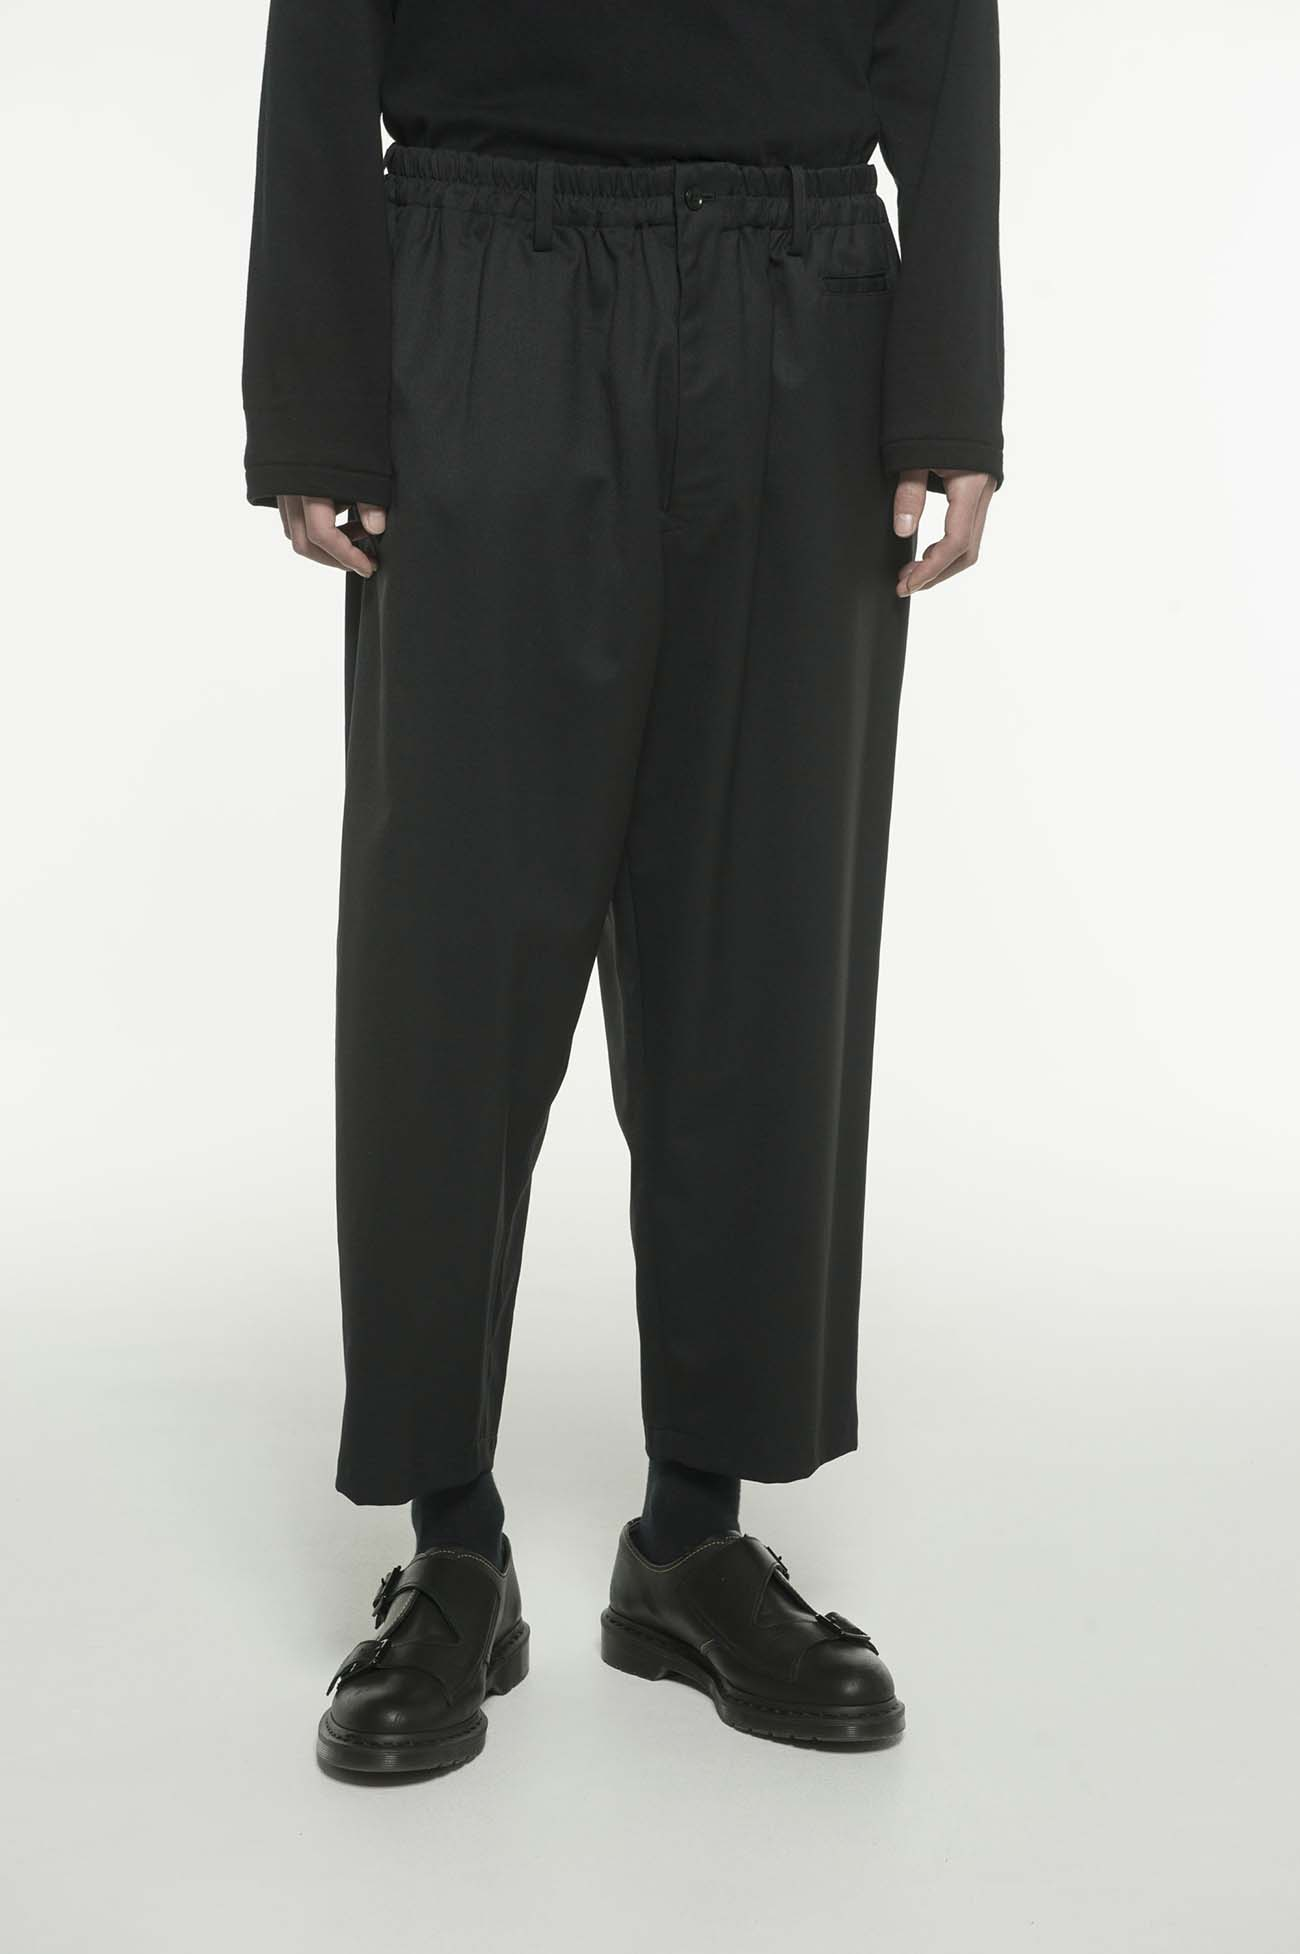 羊毛混纺九分裤